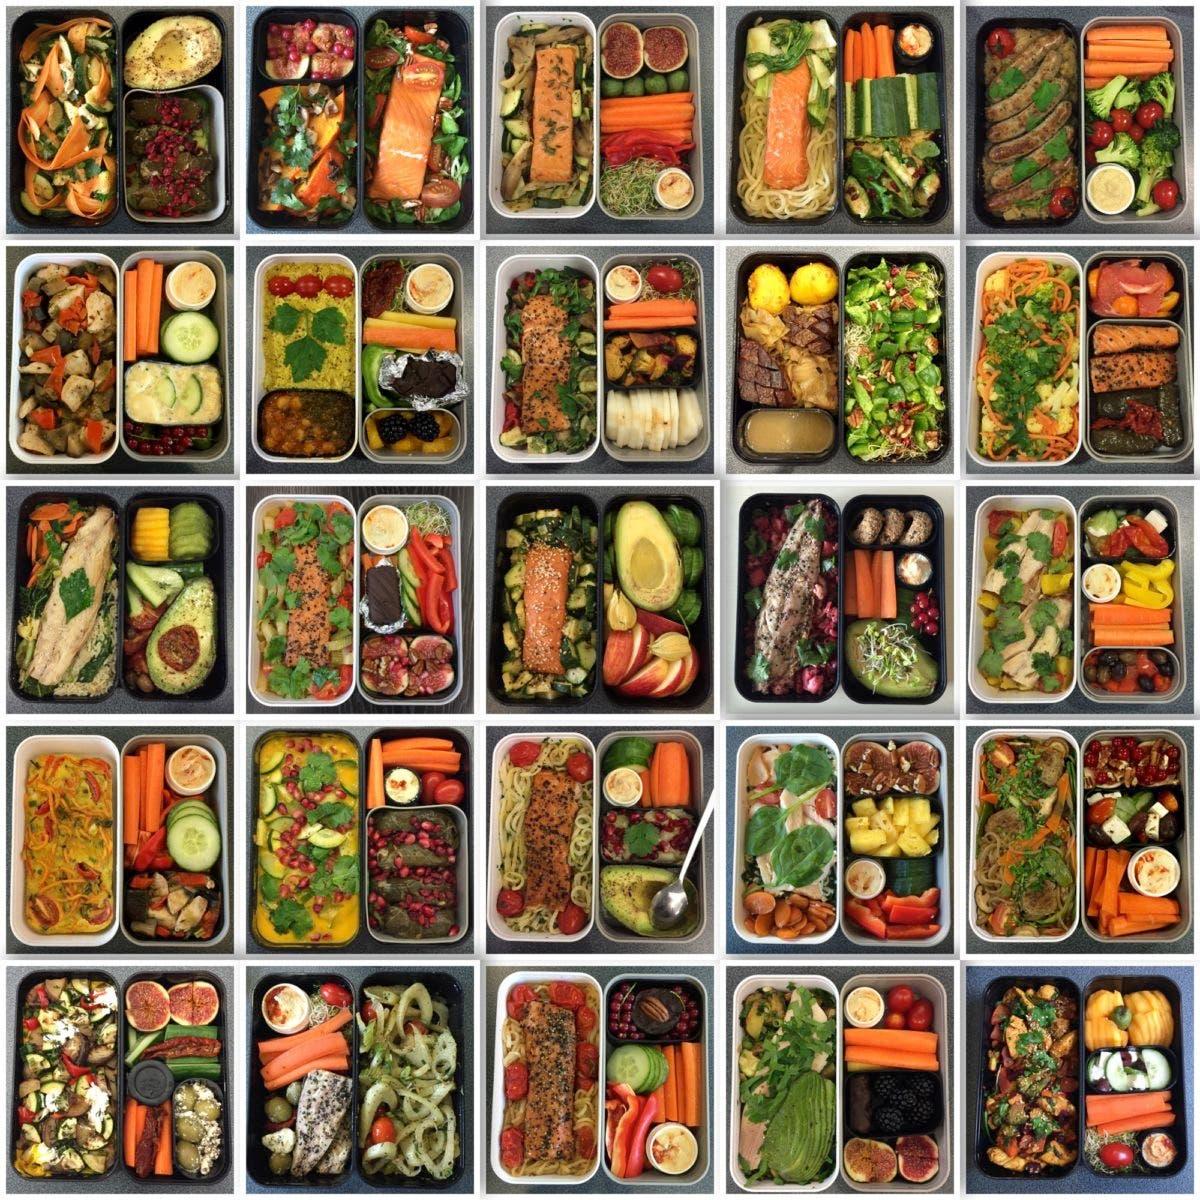 Lunchbox Collage: 25 Box Lunch-Glück zum mitnehmen | Die besten Tipps für leckere, gesunde Lunchboxen